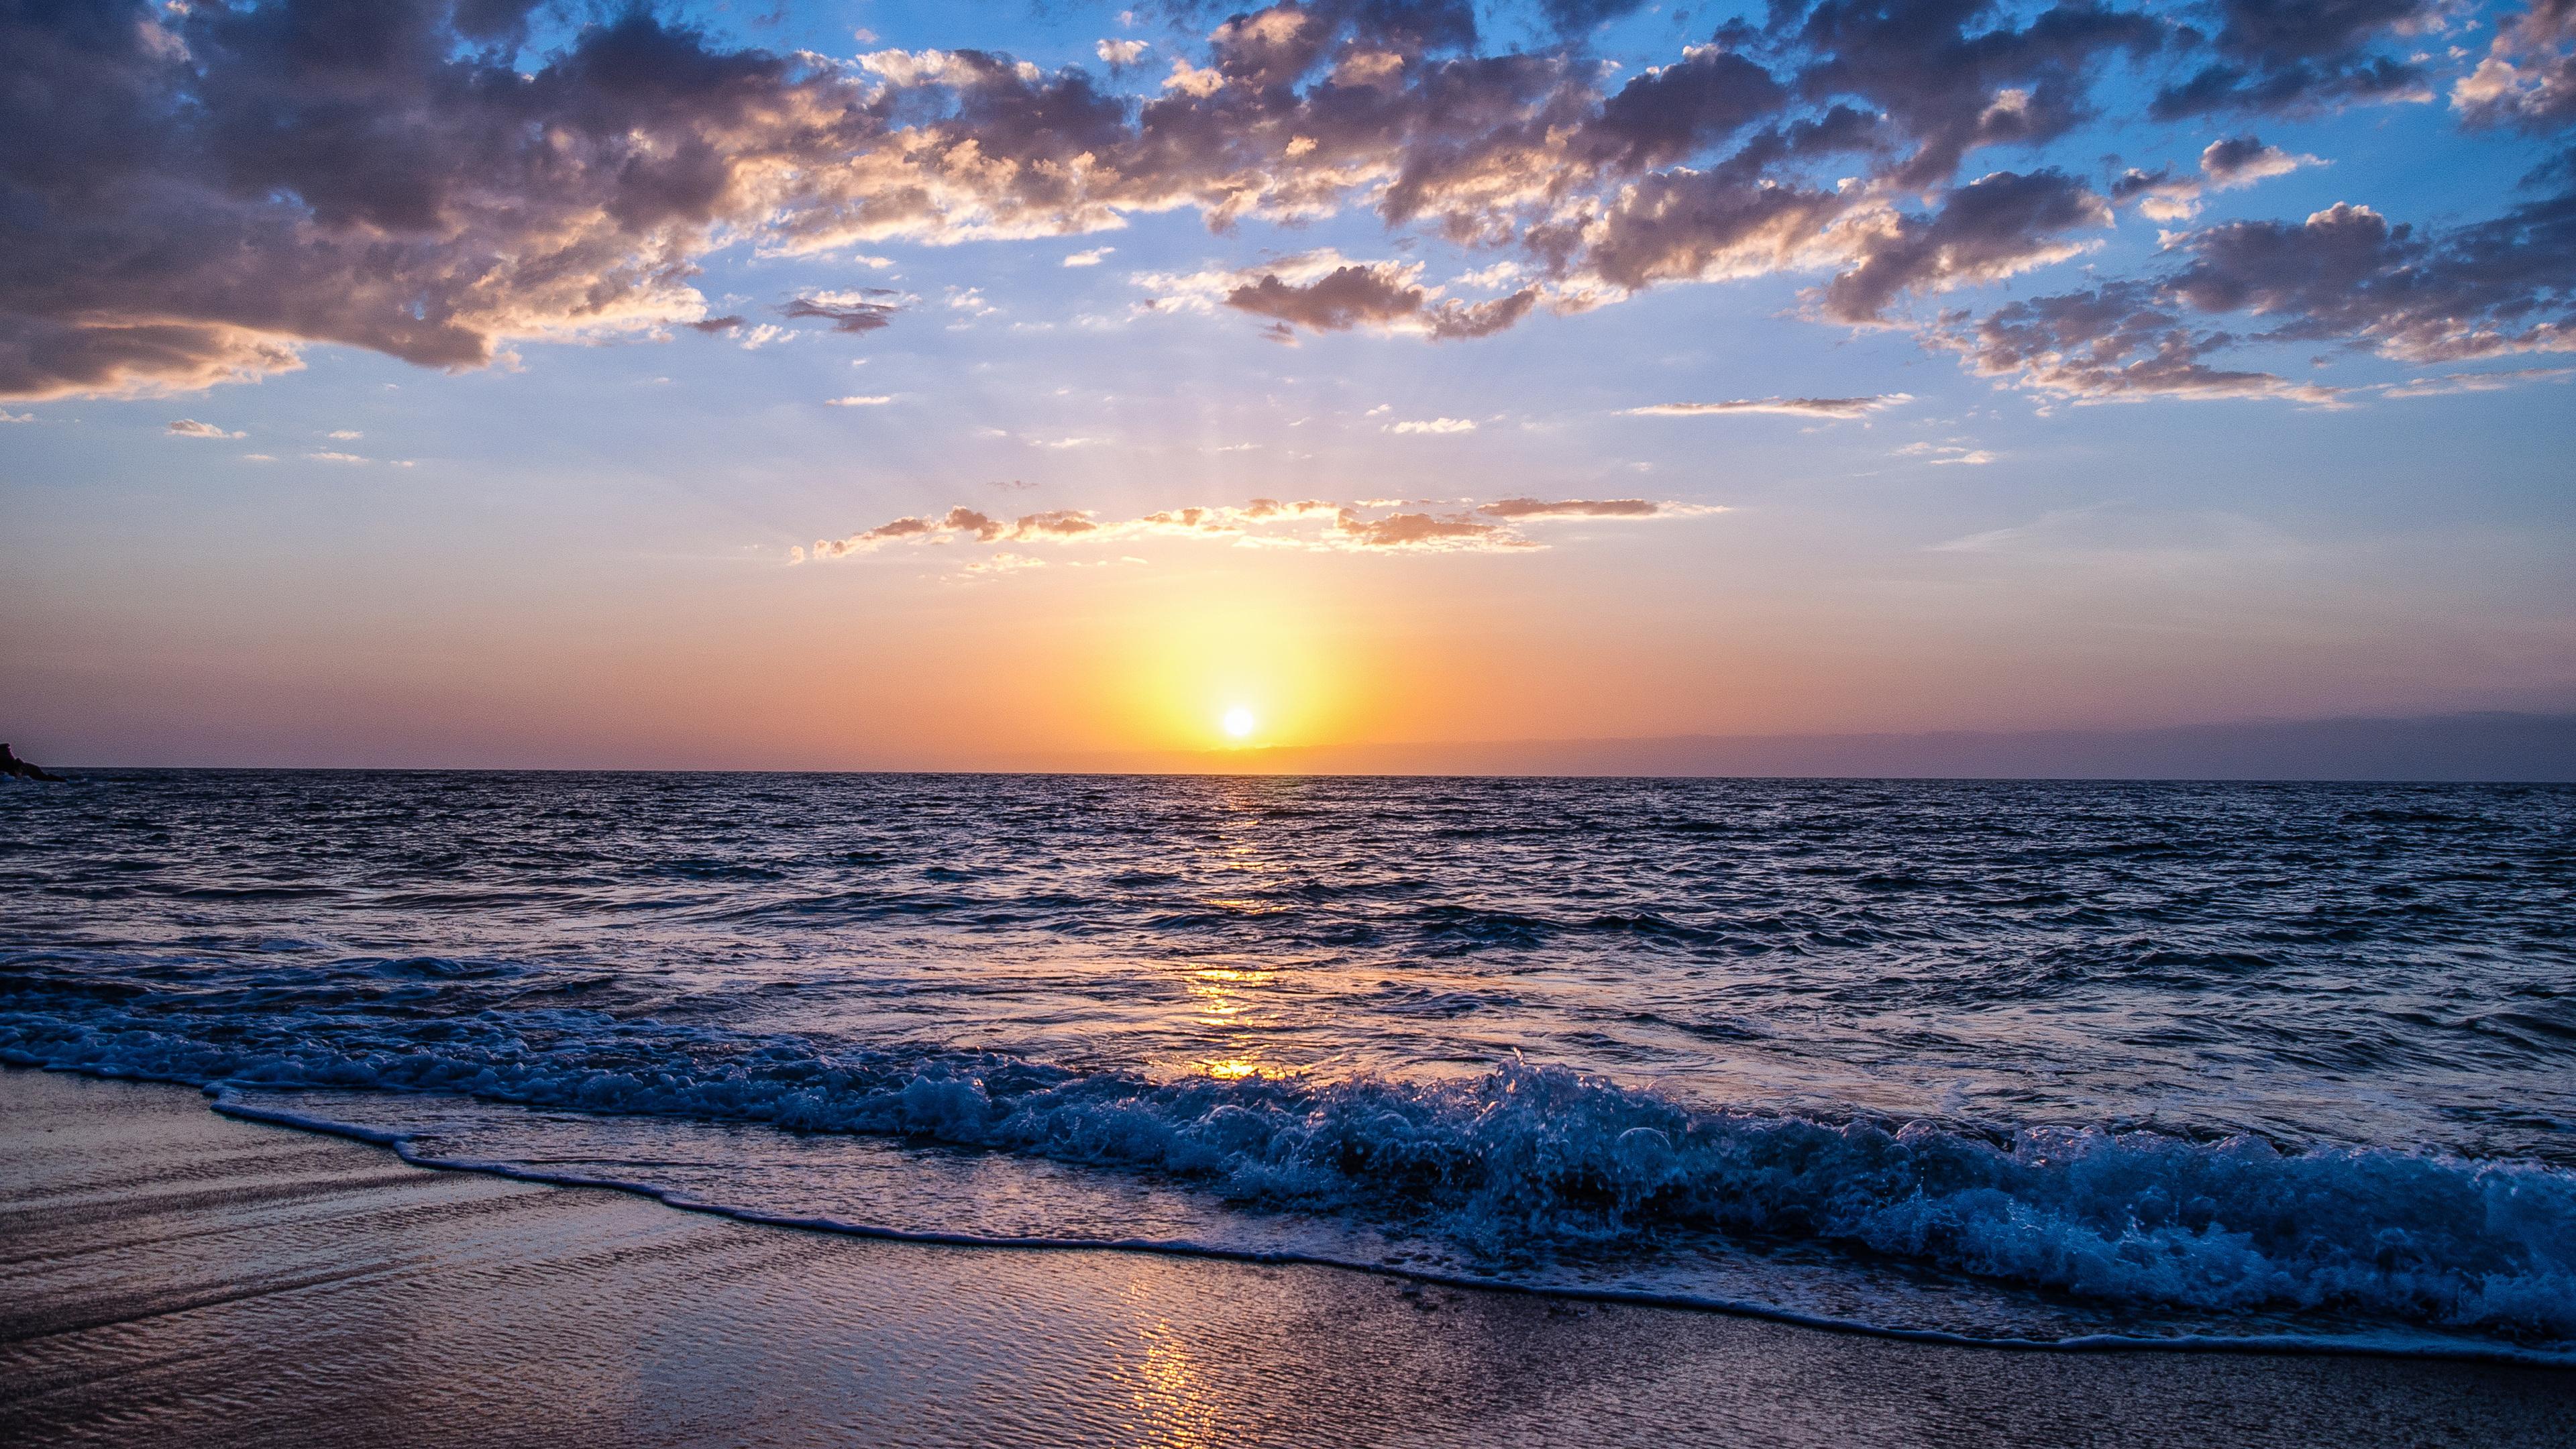 4k seashore 1540136328 - 4k Seashore - sunset wallpapers, seashore wallpapers, nature wallpapers, hd-wallpapers, 4k-wallpapers